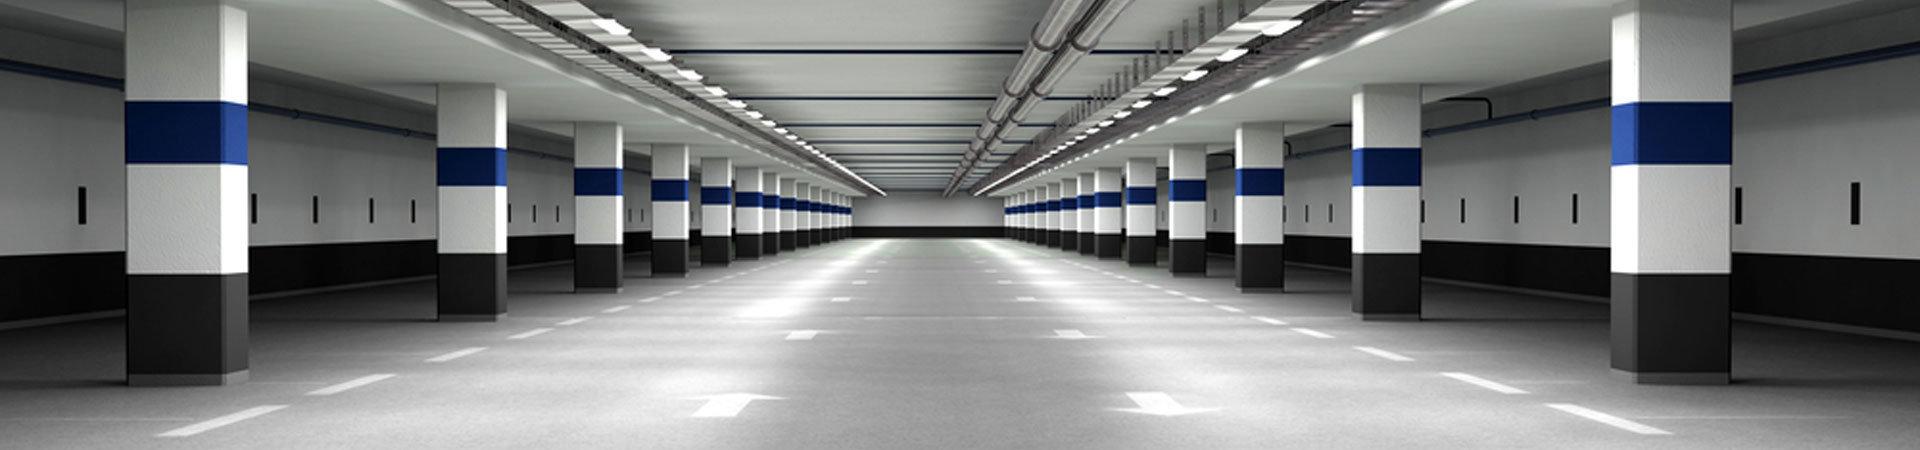 ParkControl fizető-parkoló rendszer - Beléptető rendszer